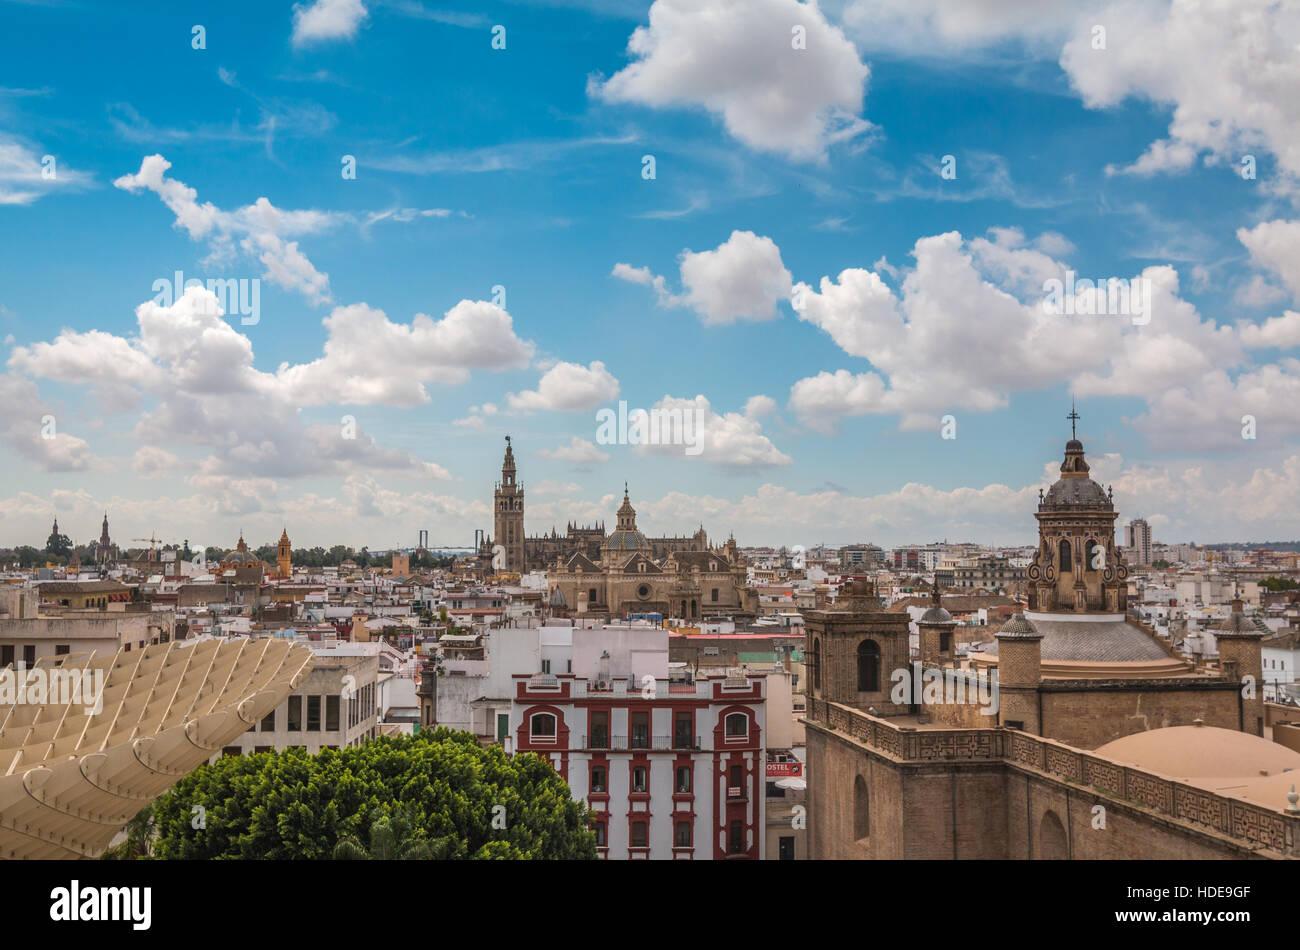 Seville Spain - Stock Image